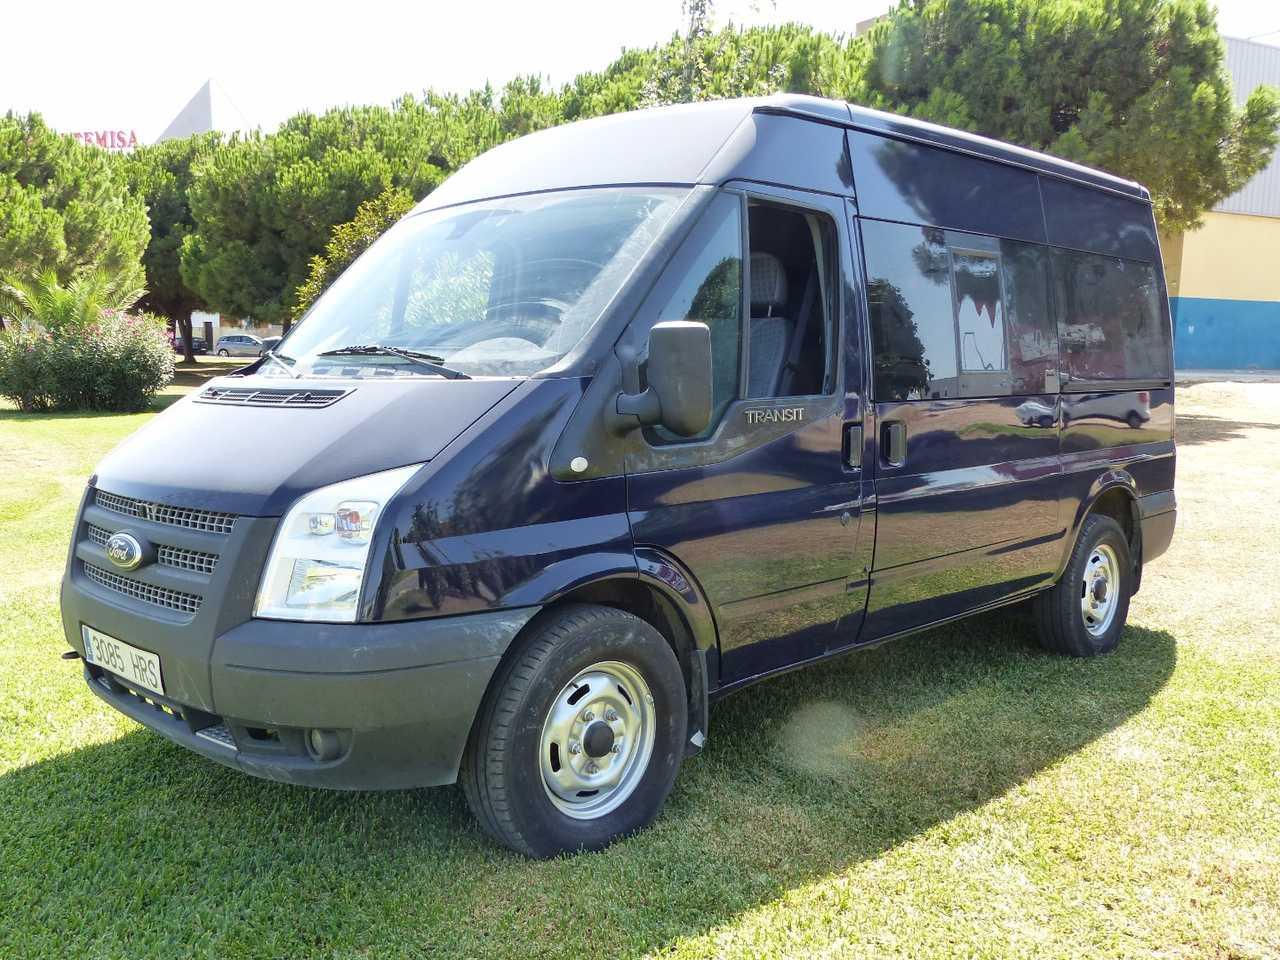 Ford Transit  Minibus y Kombi 330 M SEMIELEVADA 9 PLAZAS, CLIMATIZADA. certificada de km y carroceria  - Foto 1